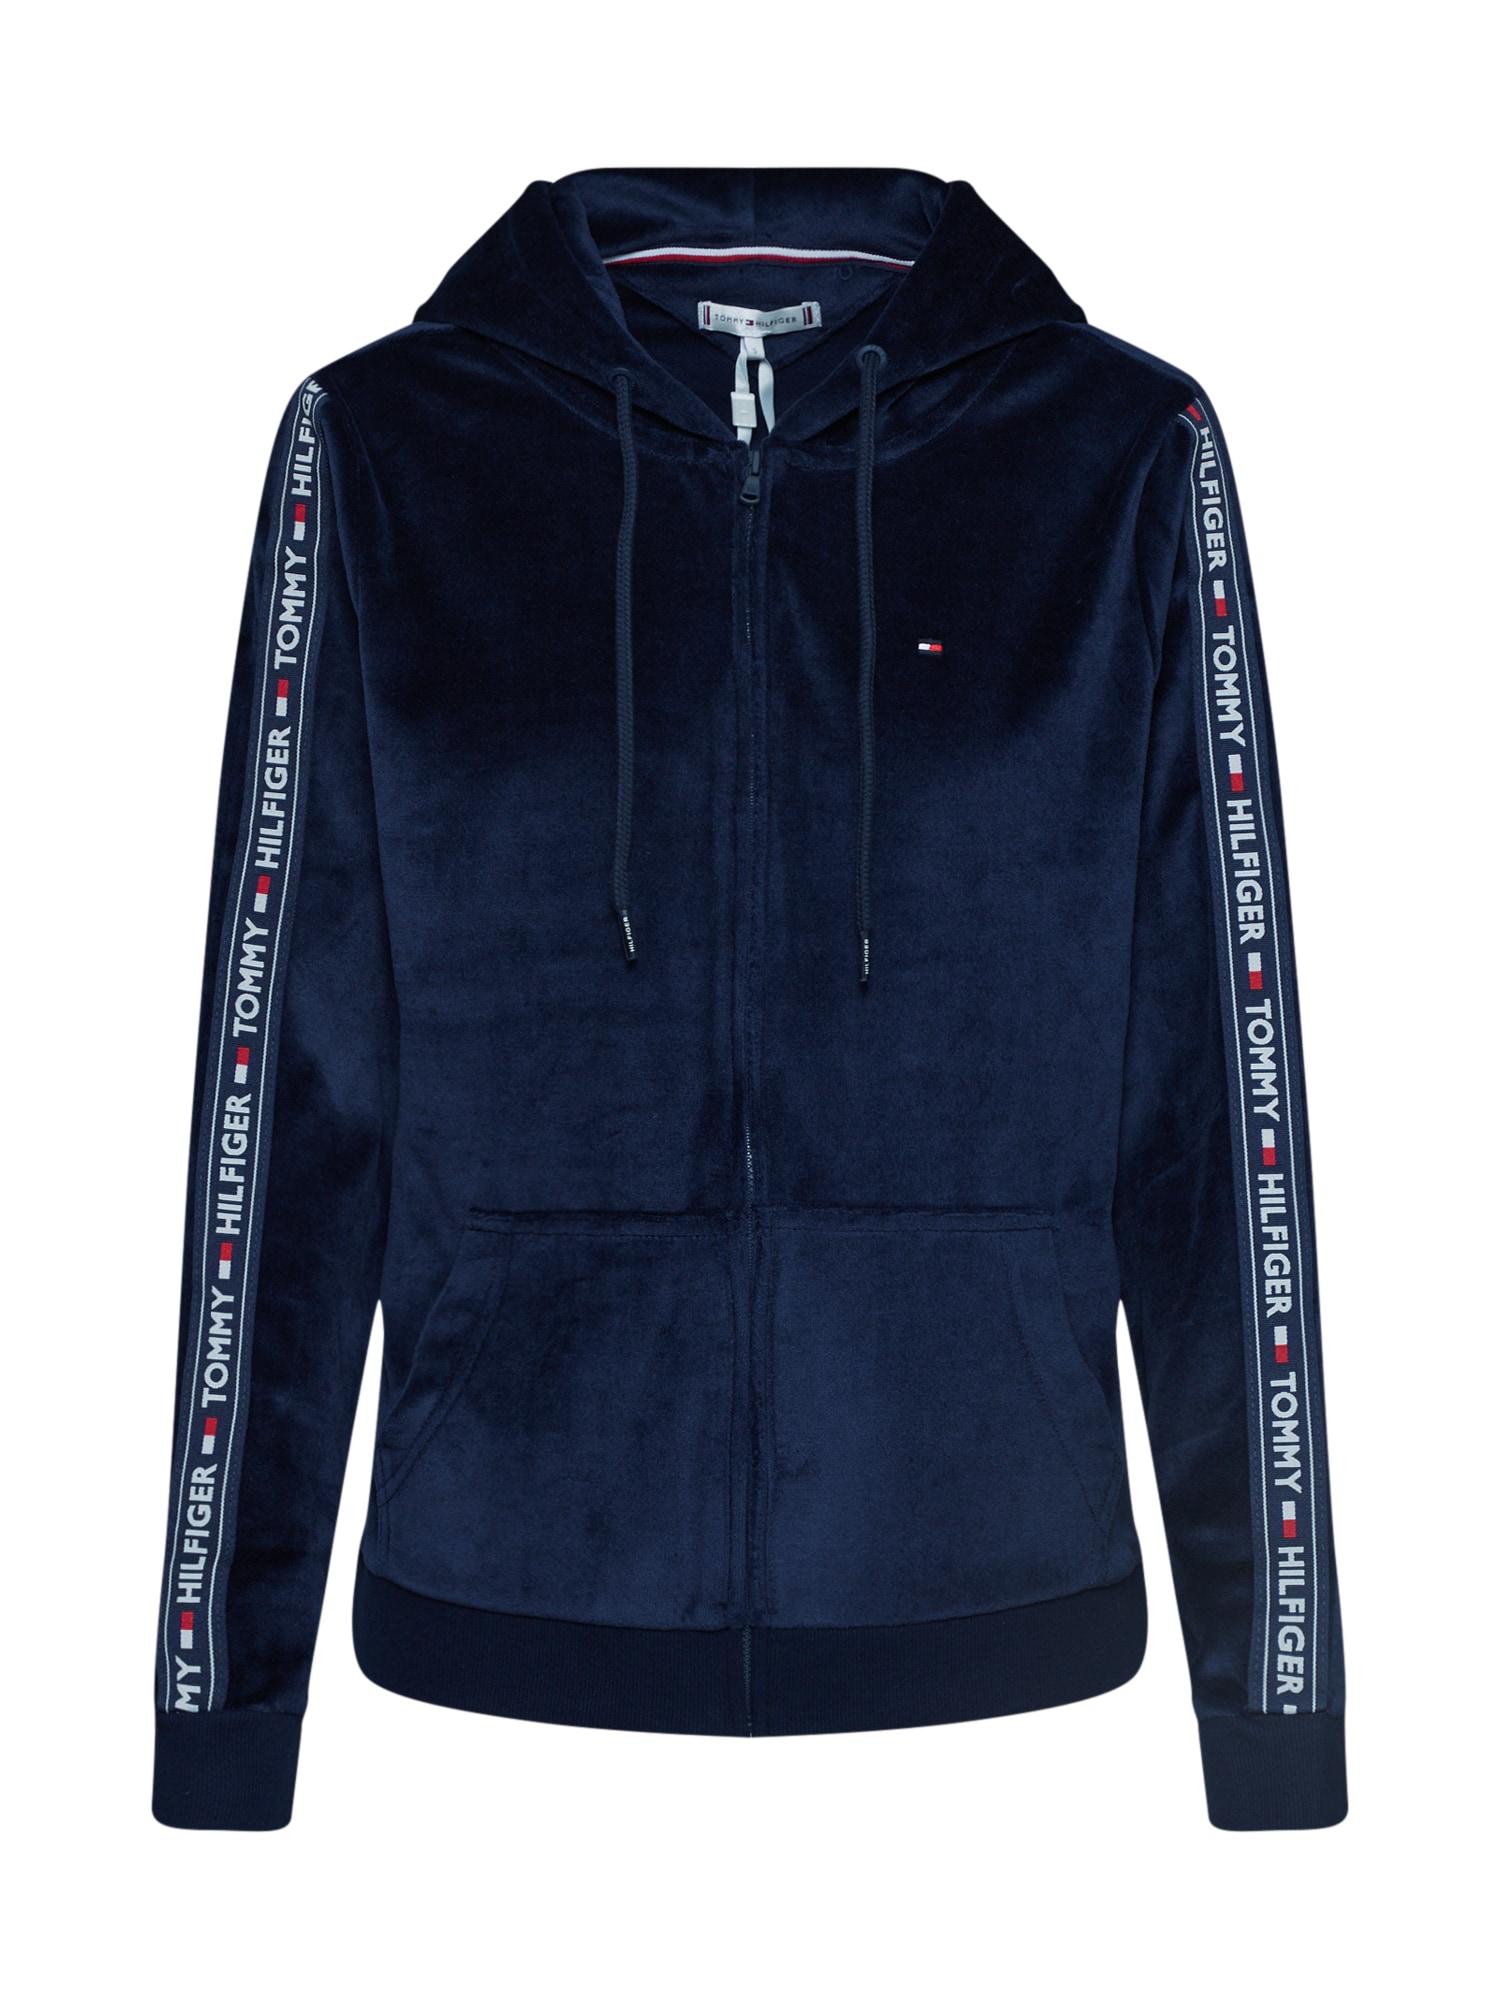 Damen - Wäsche & Bademode 'ZIP THRU HOODY LS' | Bekleidung > Sweatshirts & -jacken > Zip-Hoodies | Tommy Hilfiger Underwear